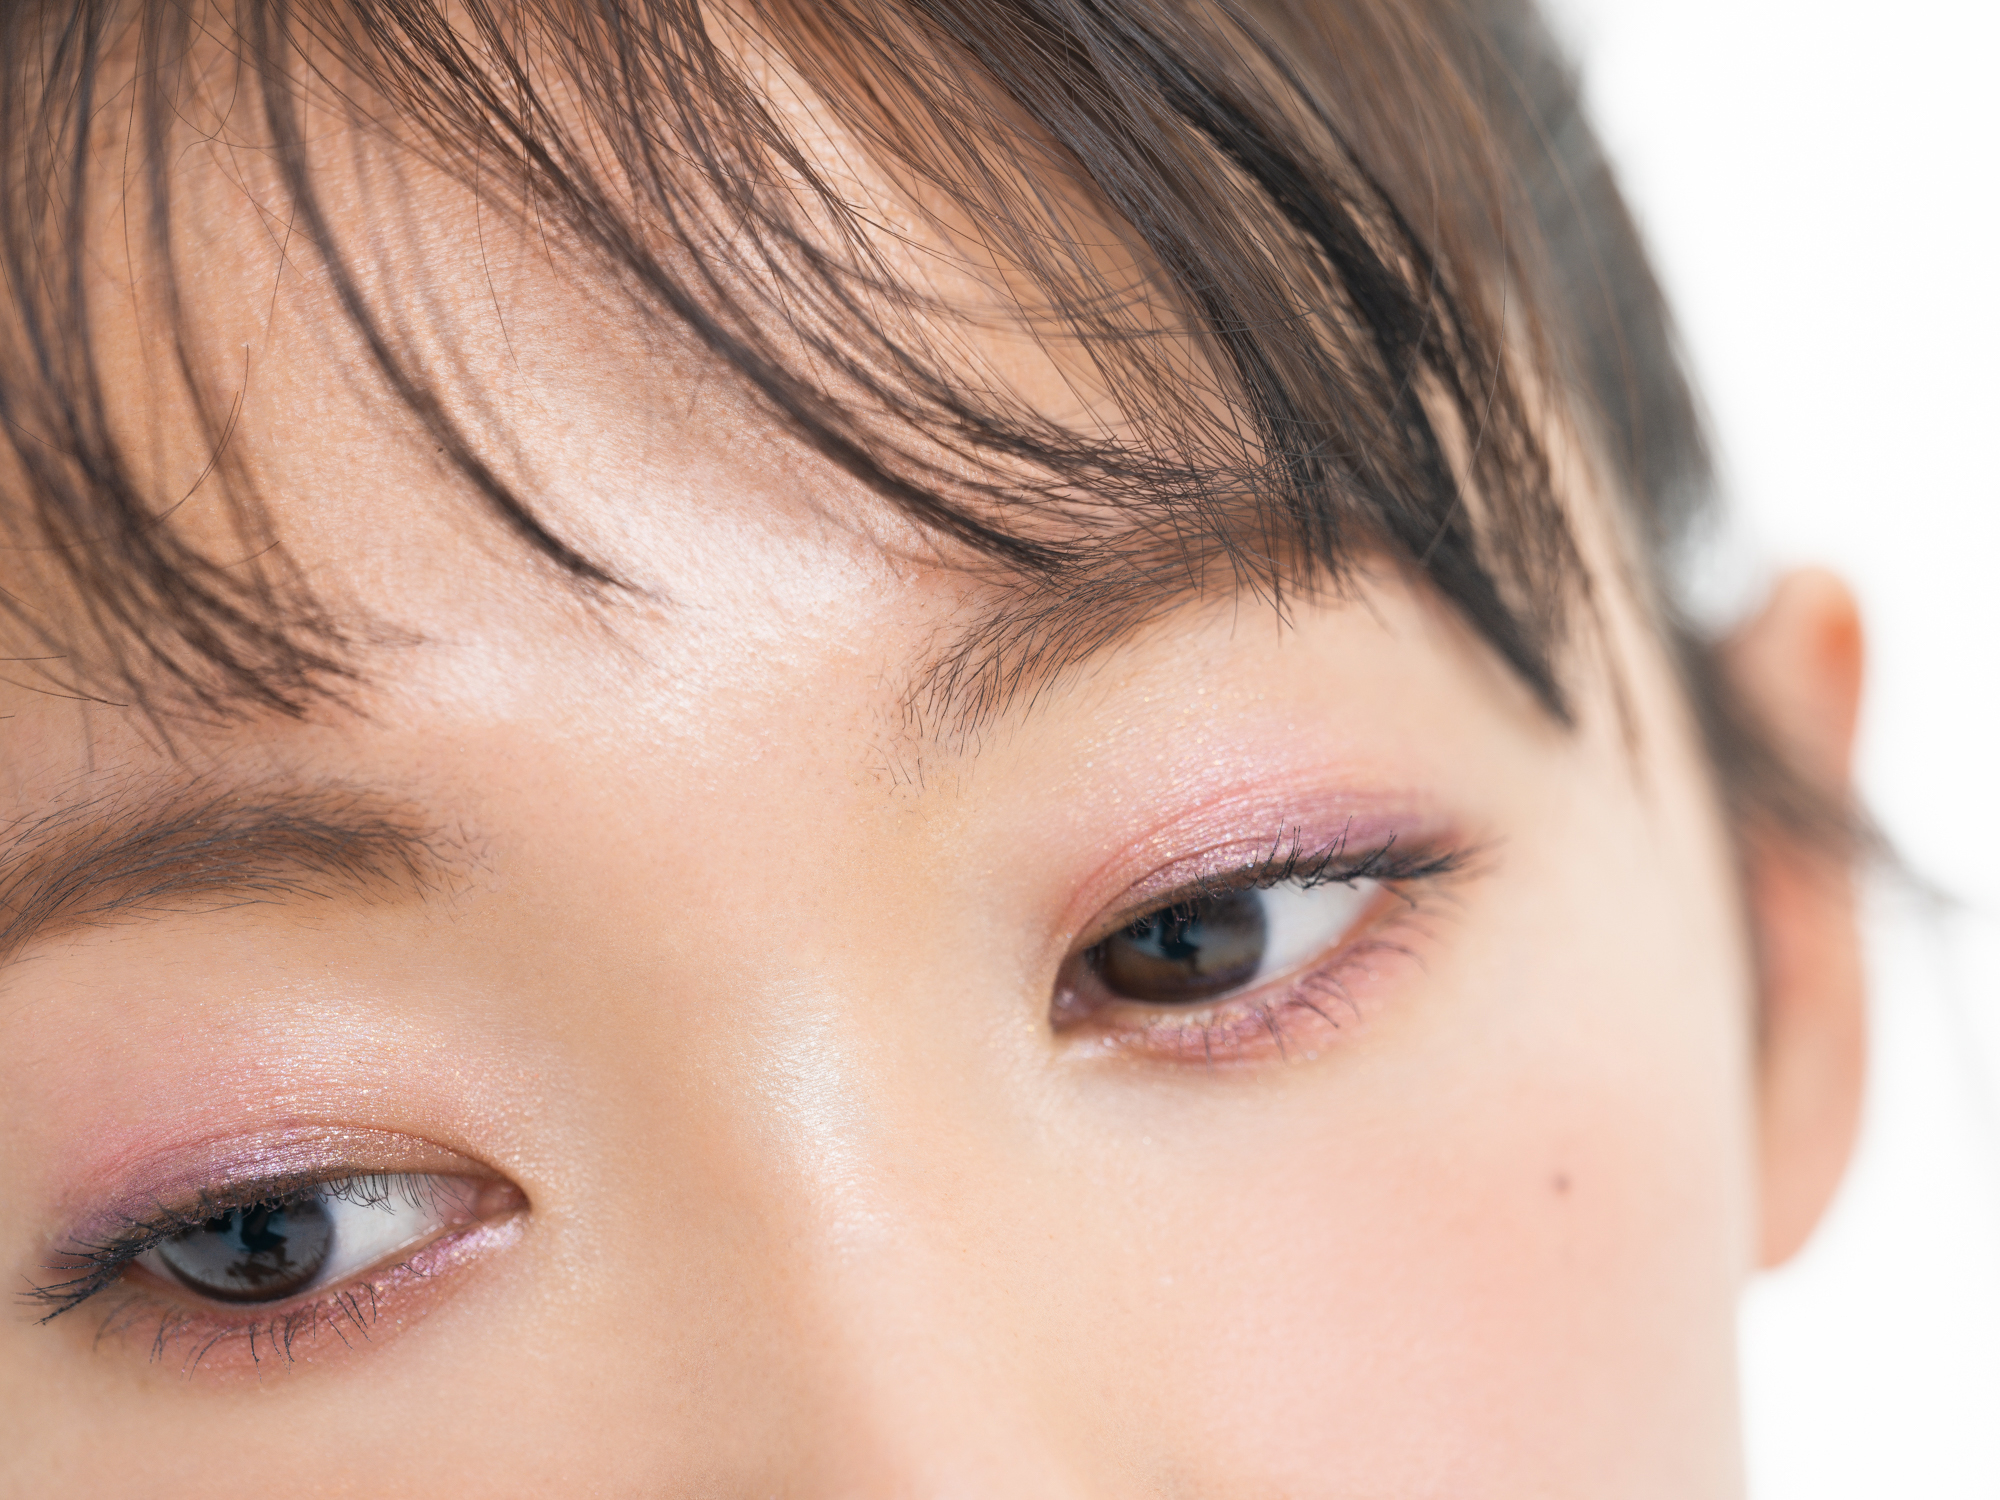 眉毛は薄く、目は縦に大きく